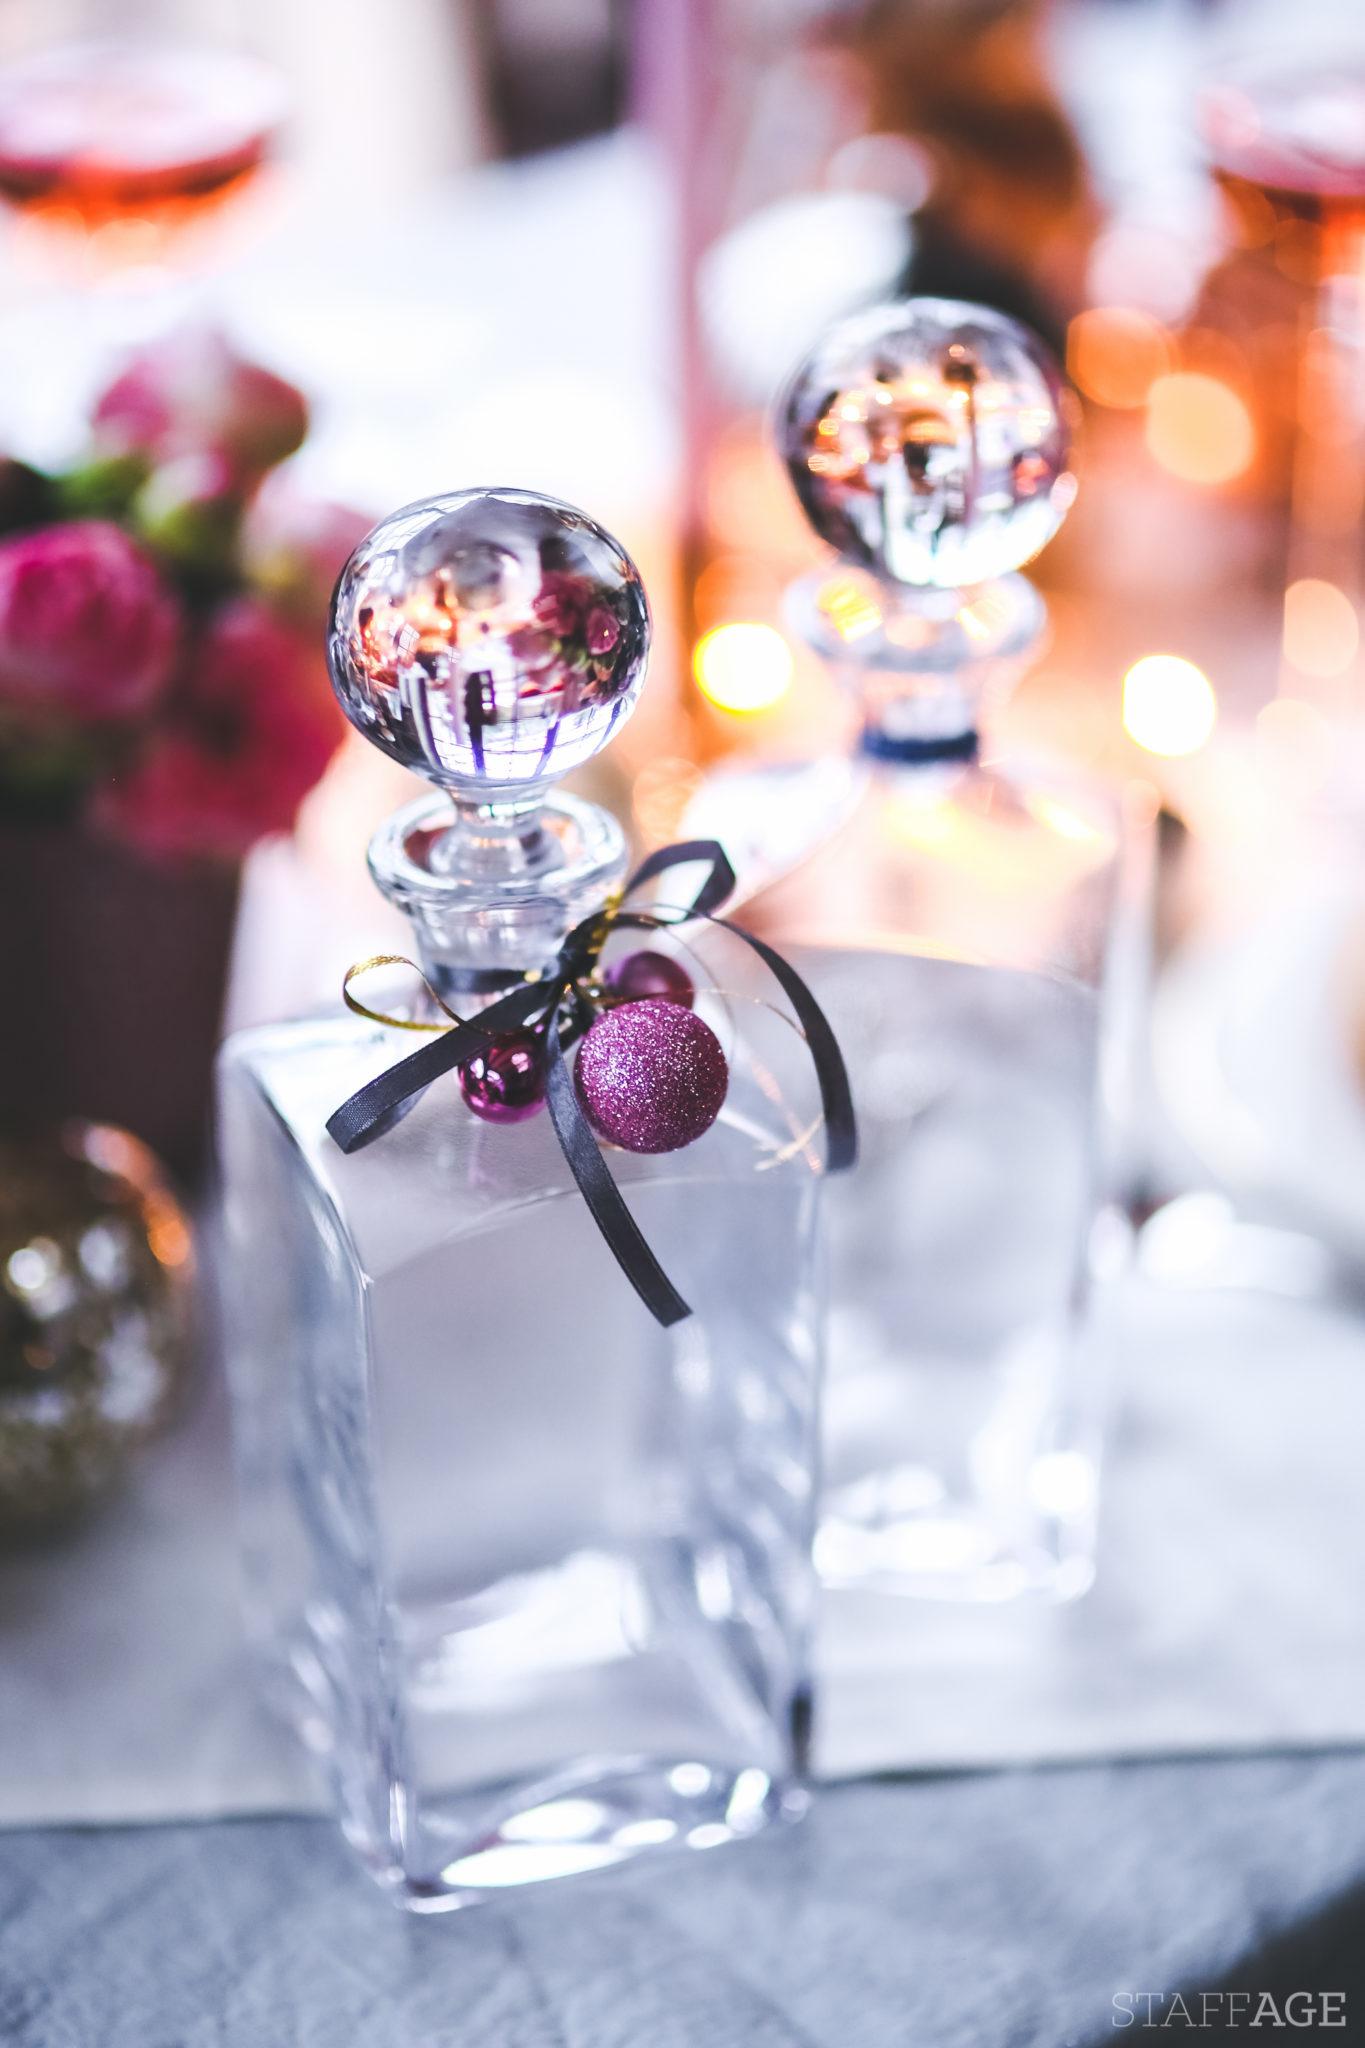 9 Staffagepl wigilijny stol pomysly na jadalnie swiateczne aranzacje chrstmas table settings ideas interior design winter flowers tableware